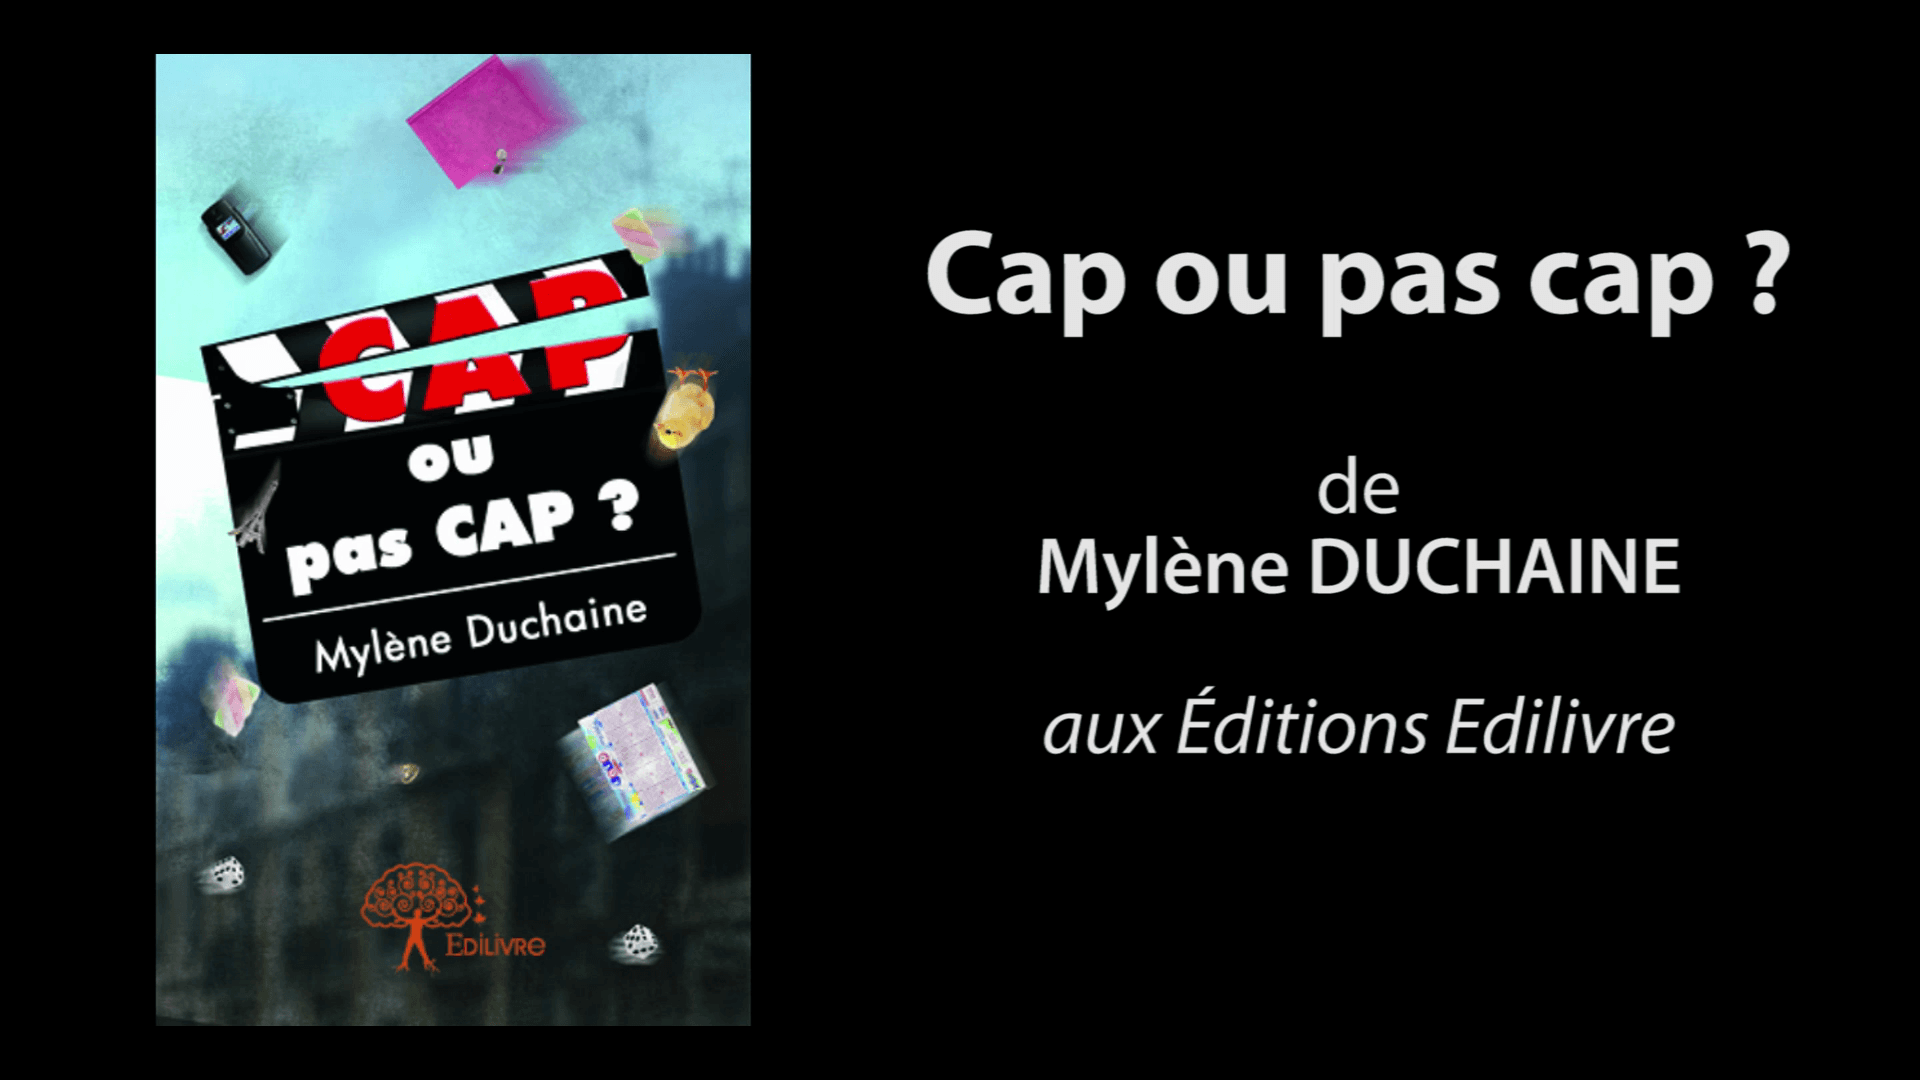 Bande_annonce_cap_ou_pas_cap_Edilivre